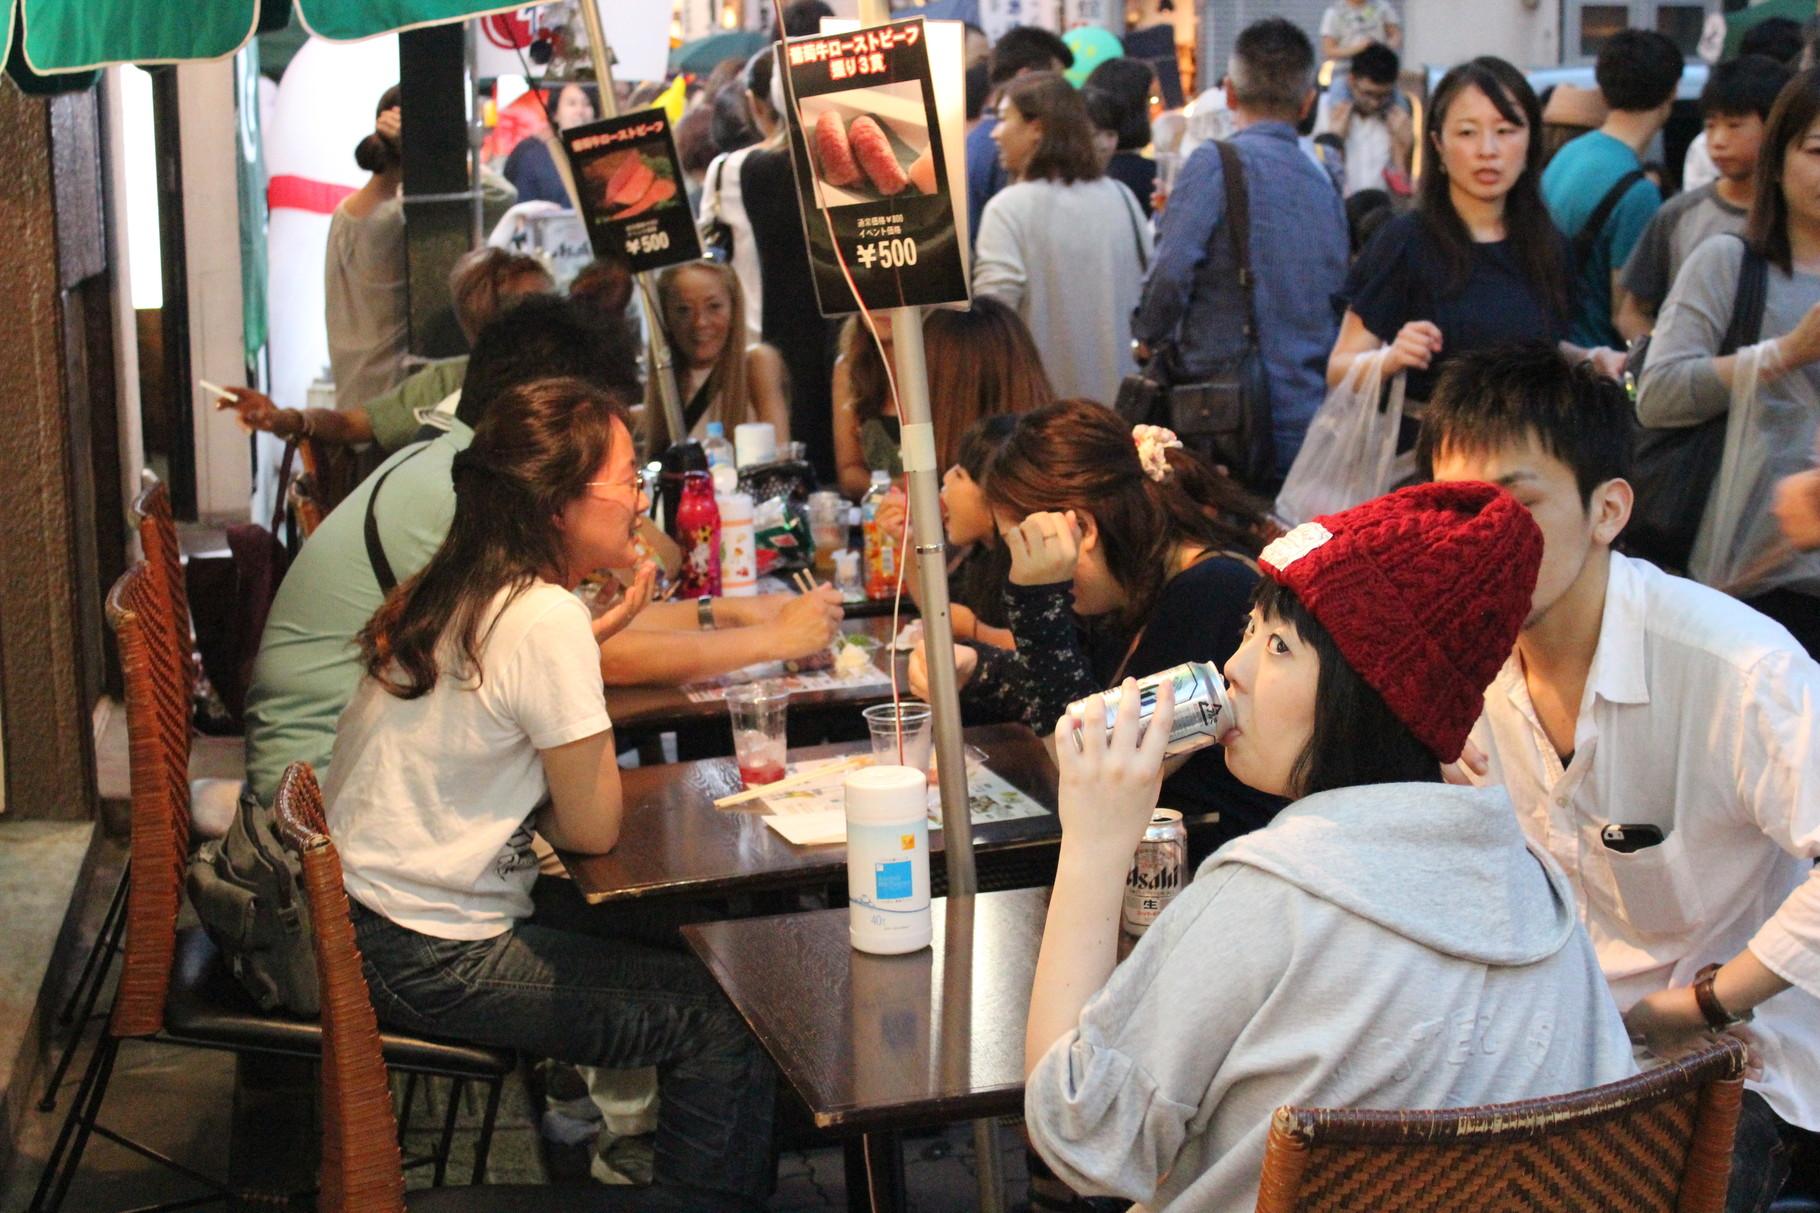 Party on the street. Viele Restaurant stellen Tische auf die Straßen.